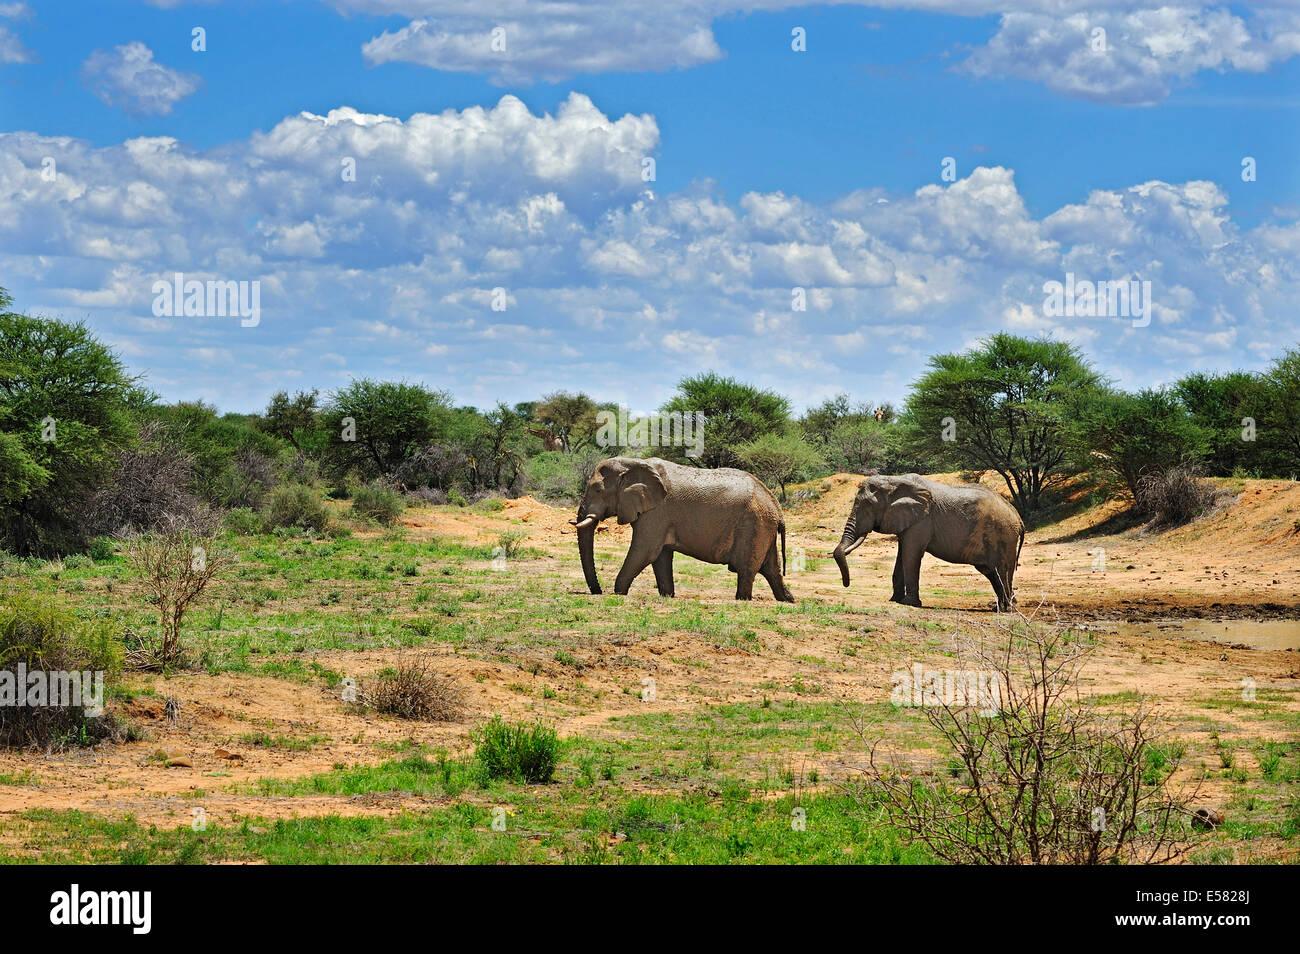 African Elephants (Loxodonta africana), savannah, Erindi Game Reserve, Namibia - Stock Image